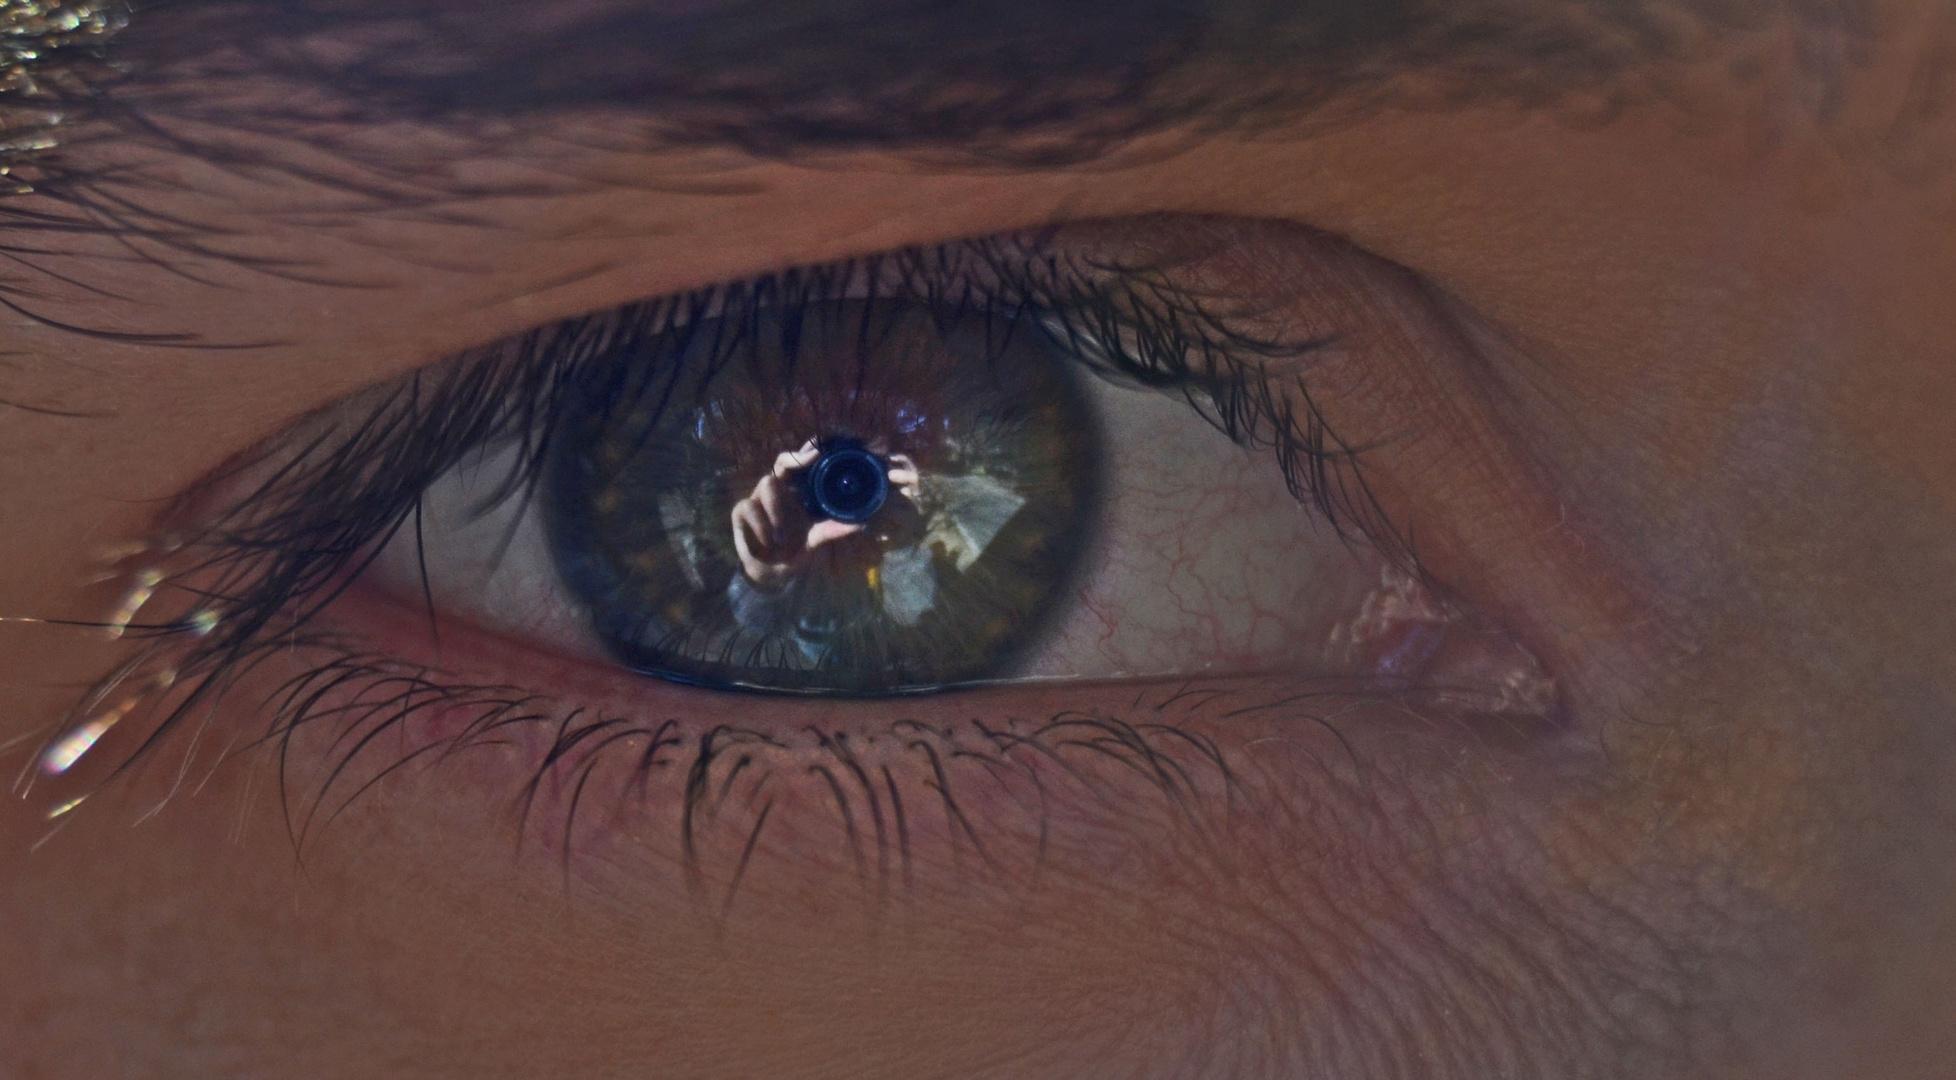 Mi reflejo en tu mirada.